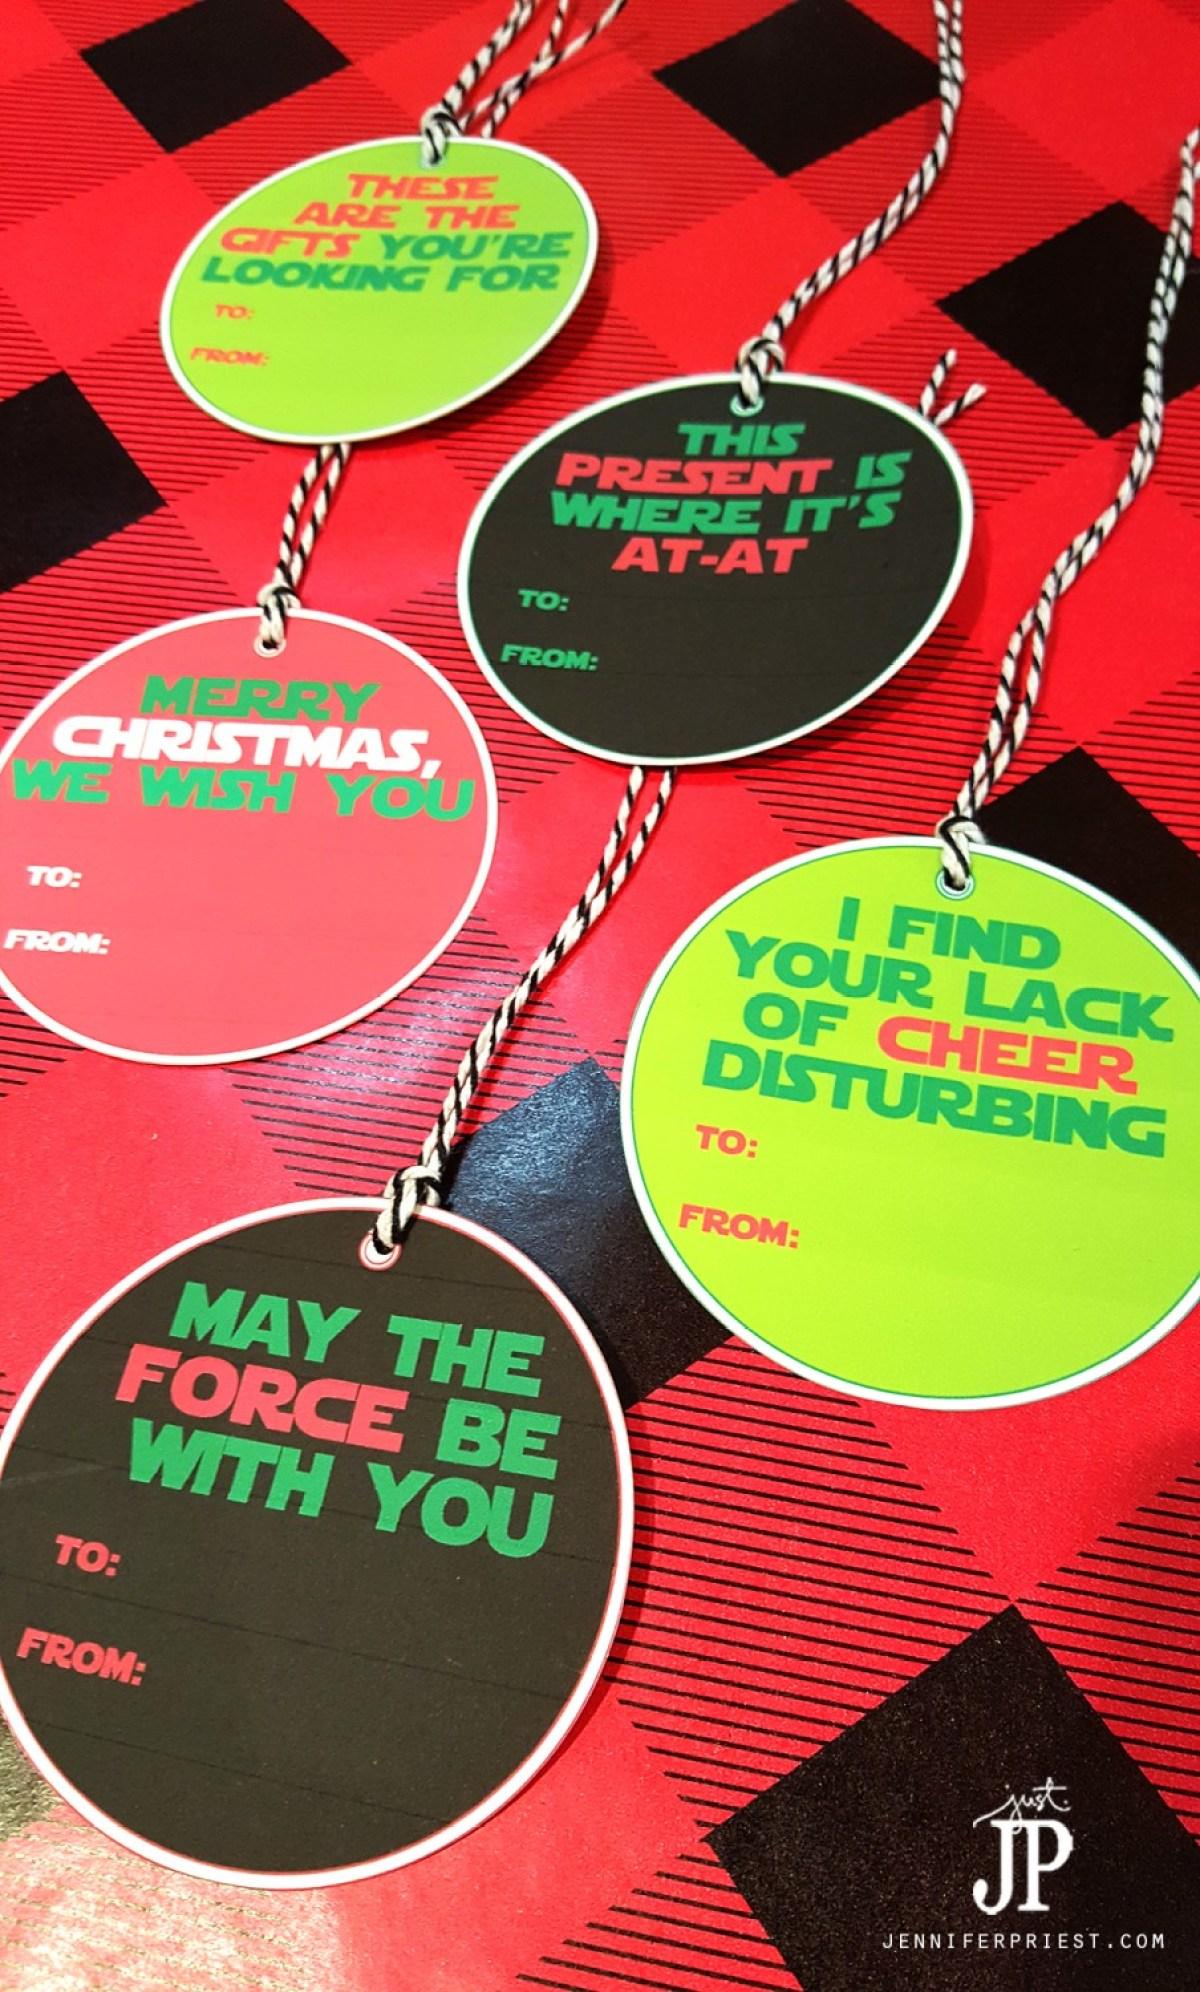 Star-Wars-Printable-Gift-Tags-HP-JPriest